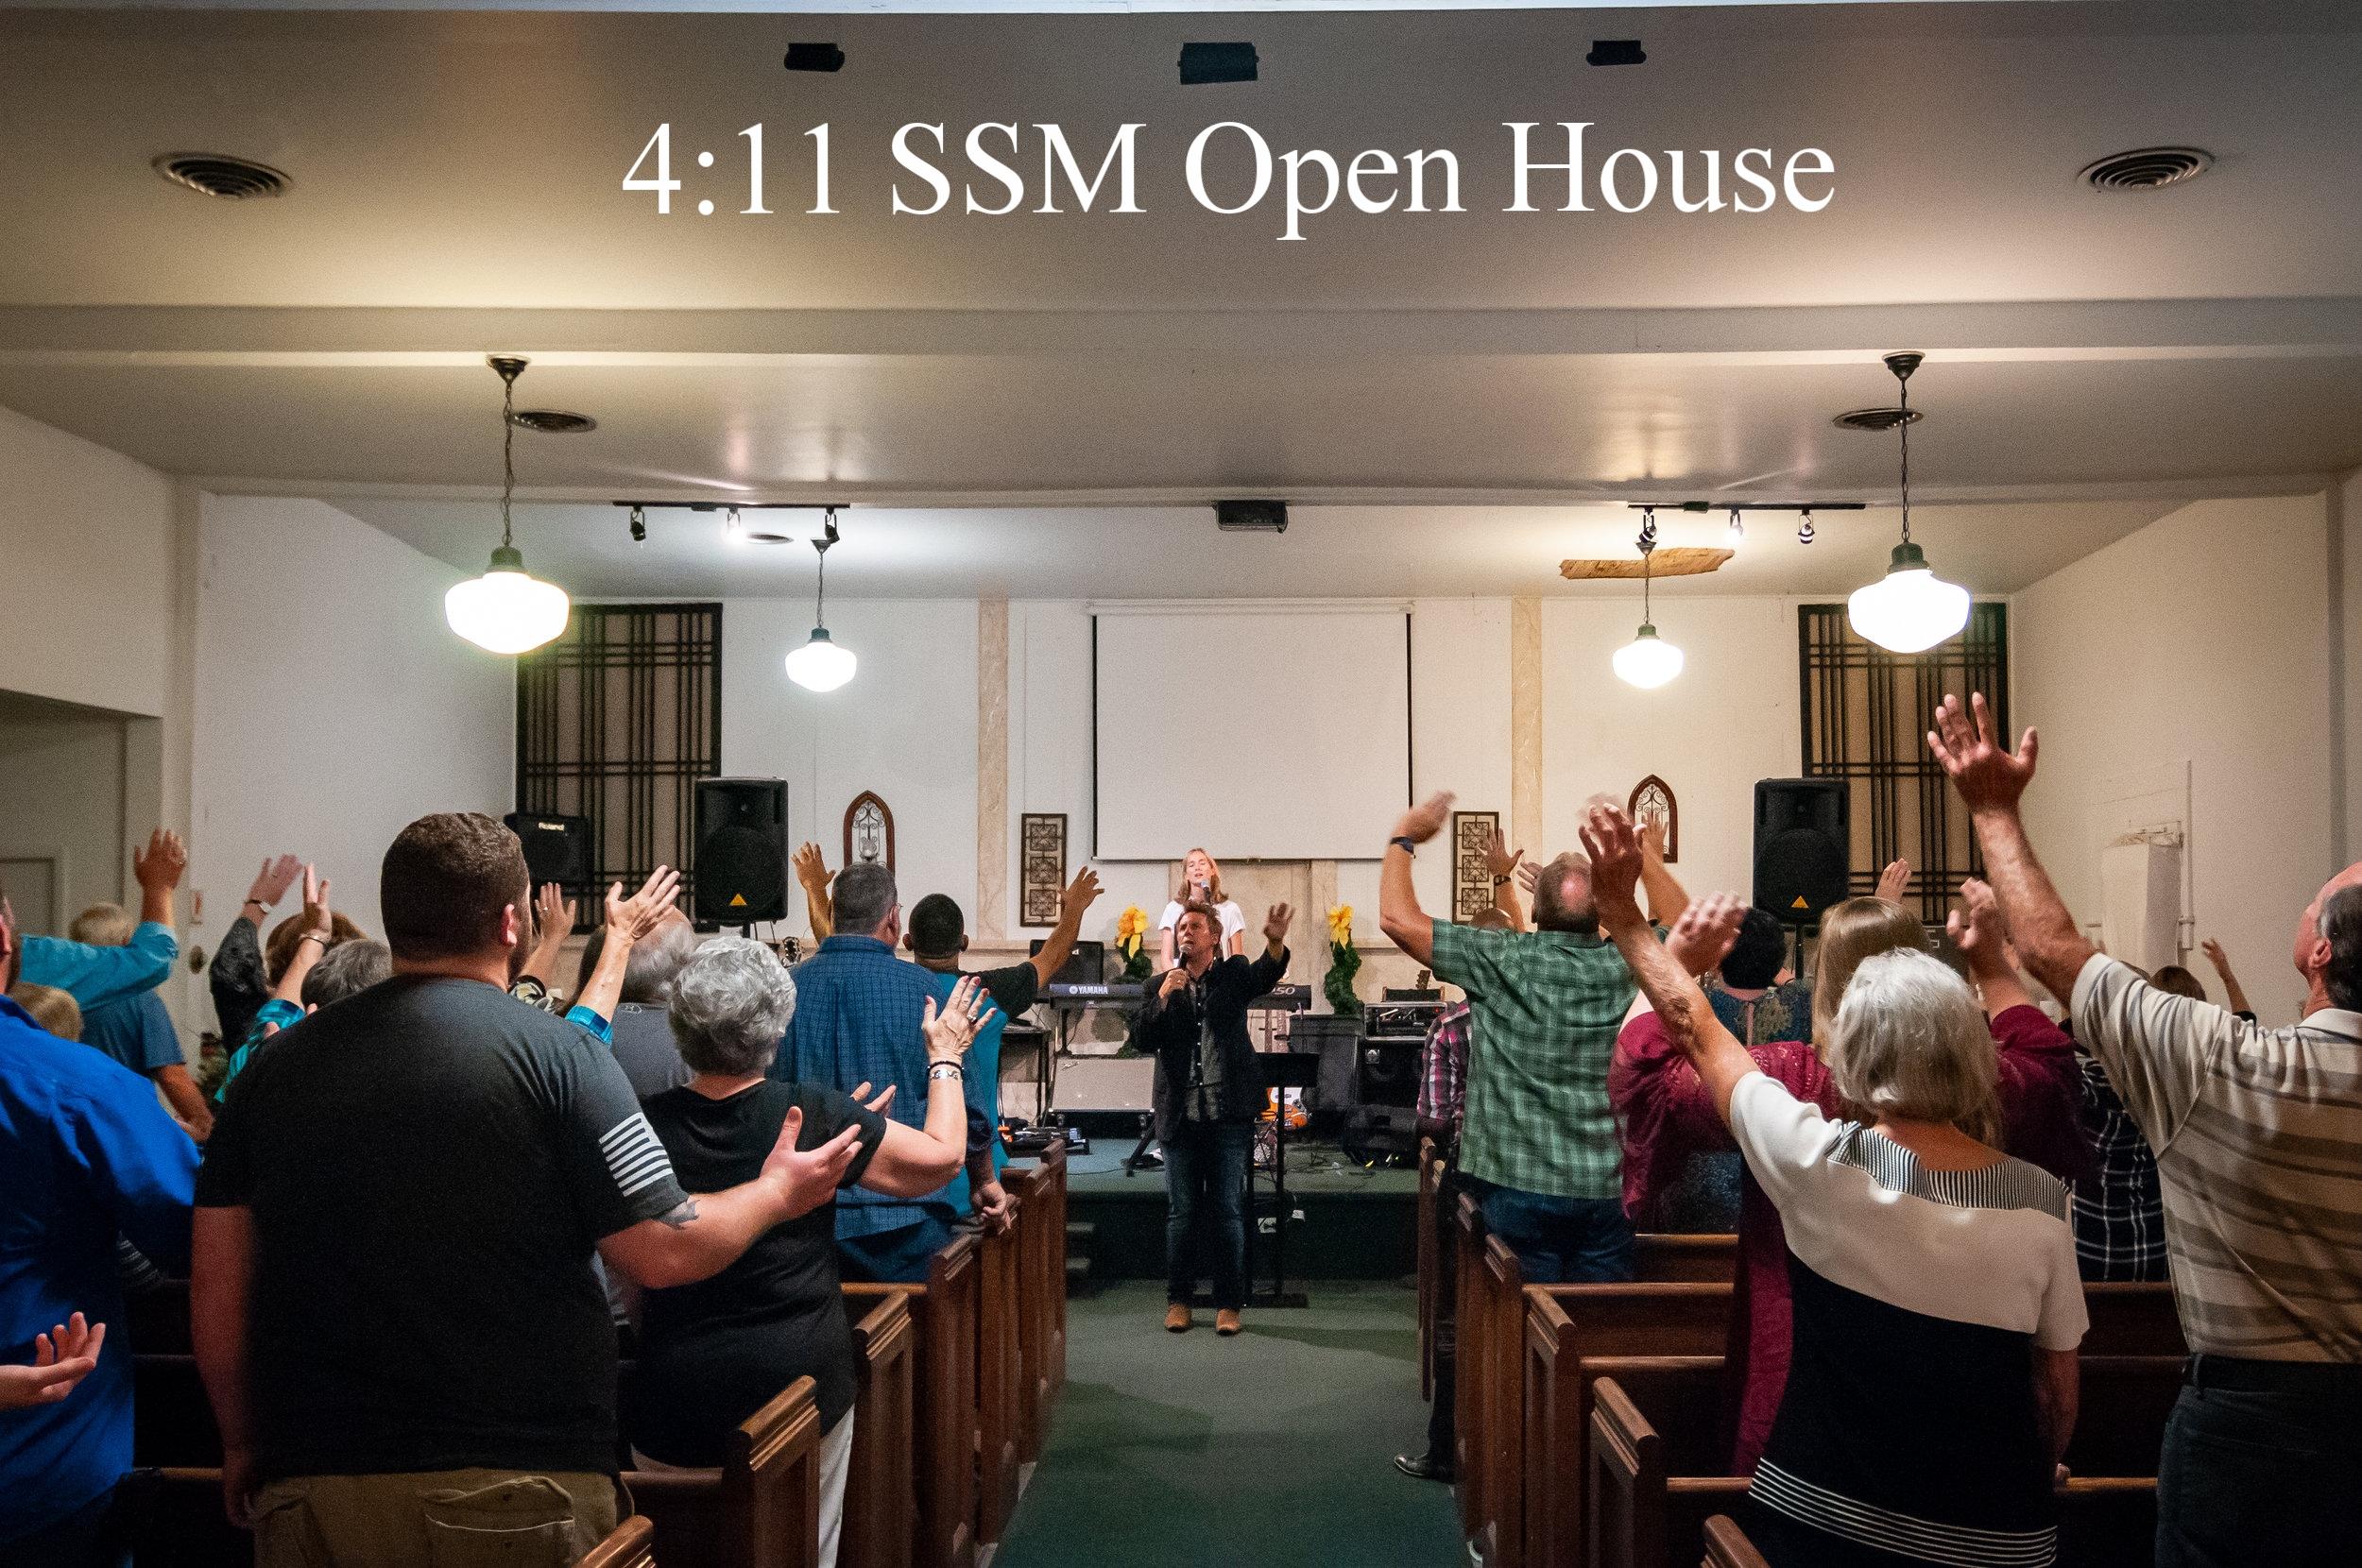 4:11 SSM Open House